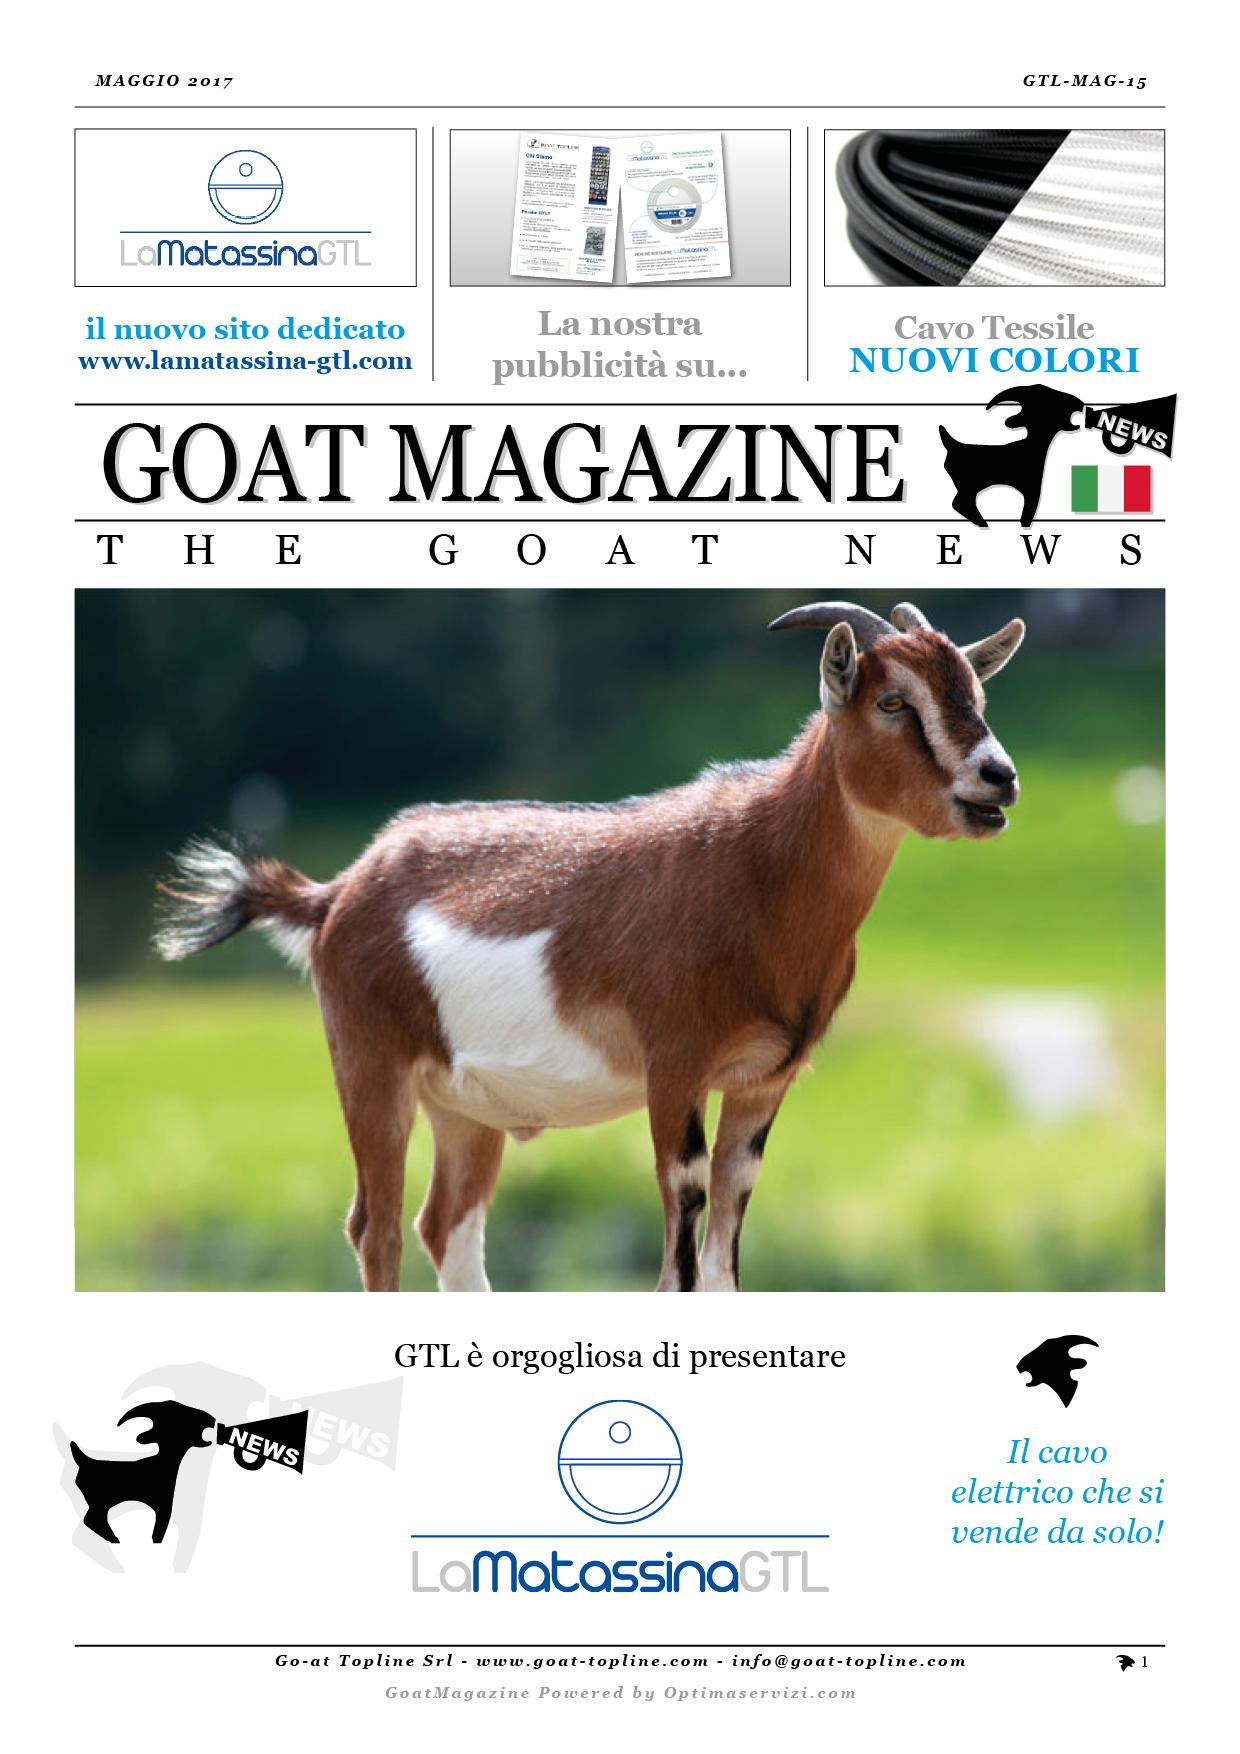 GTL-MAG15 -PUBBLICO- Maggio 2017 - ITA